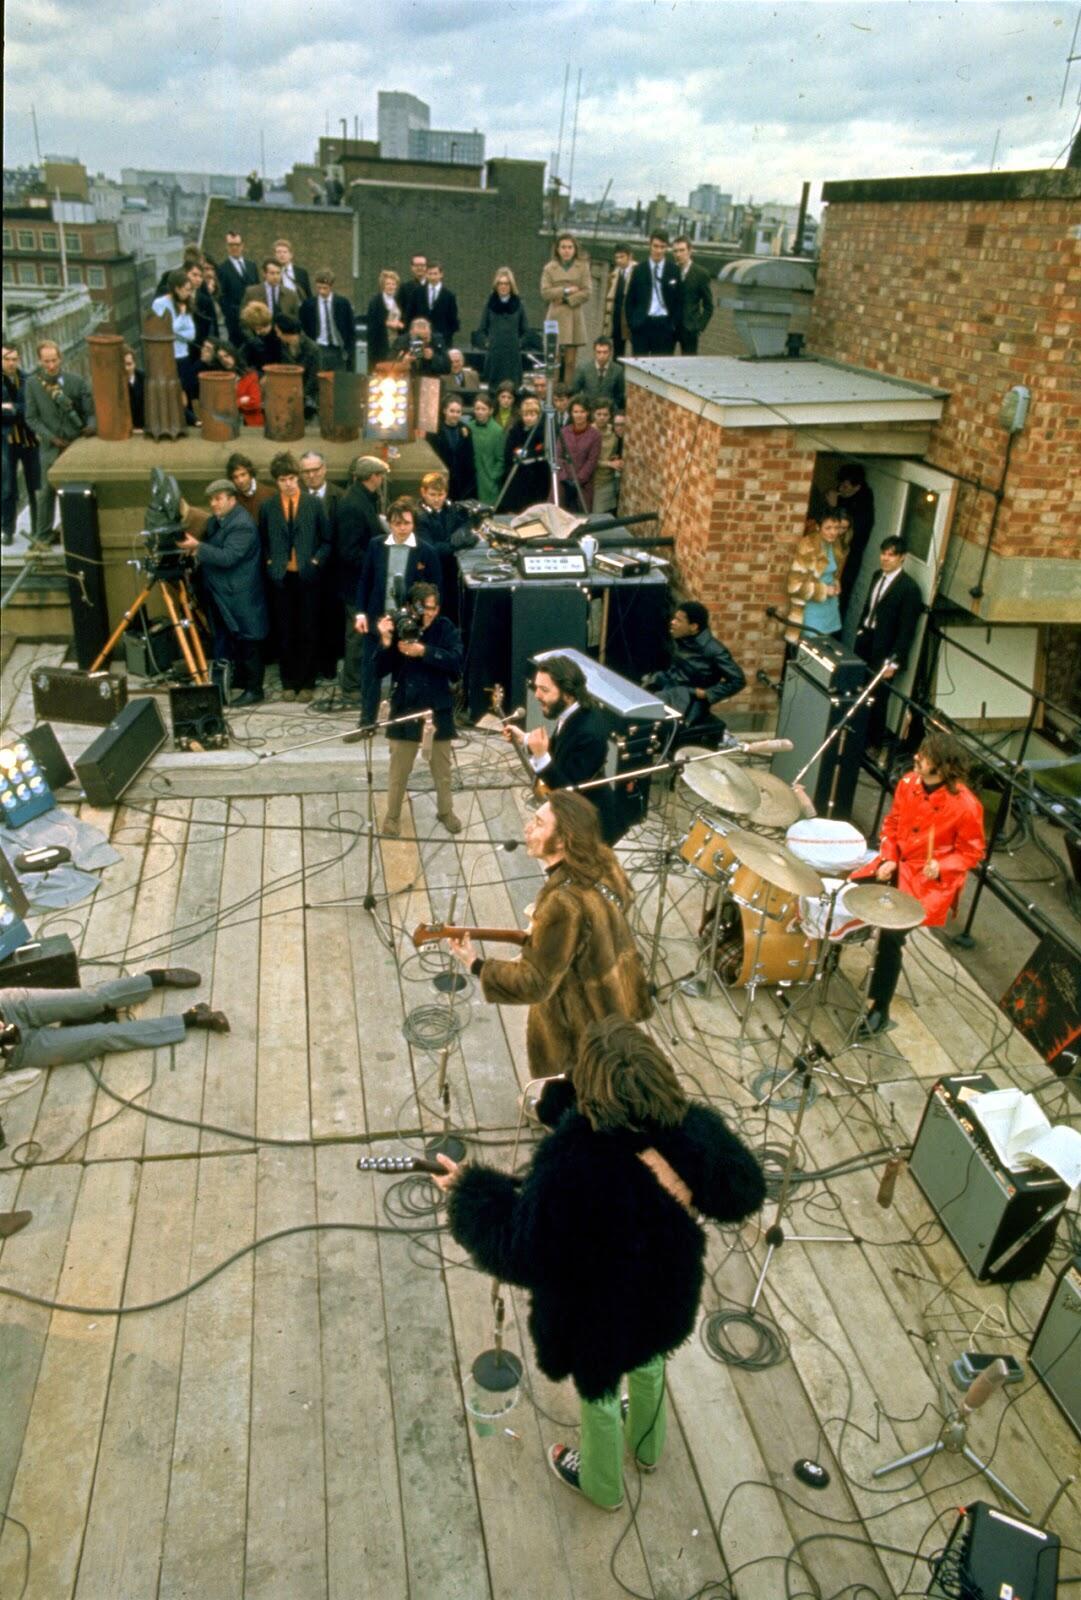 The Beatles' Rooftop Concert in 1969 (3).jpg